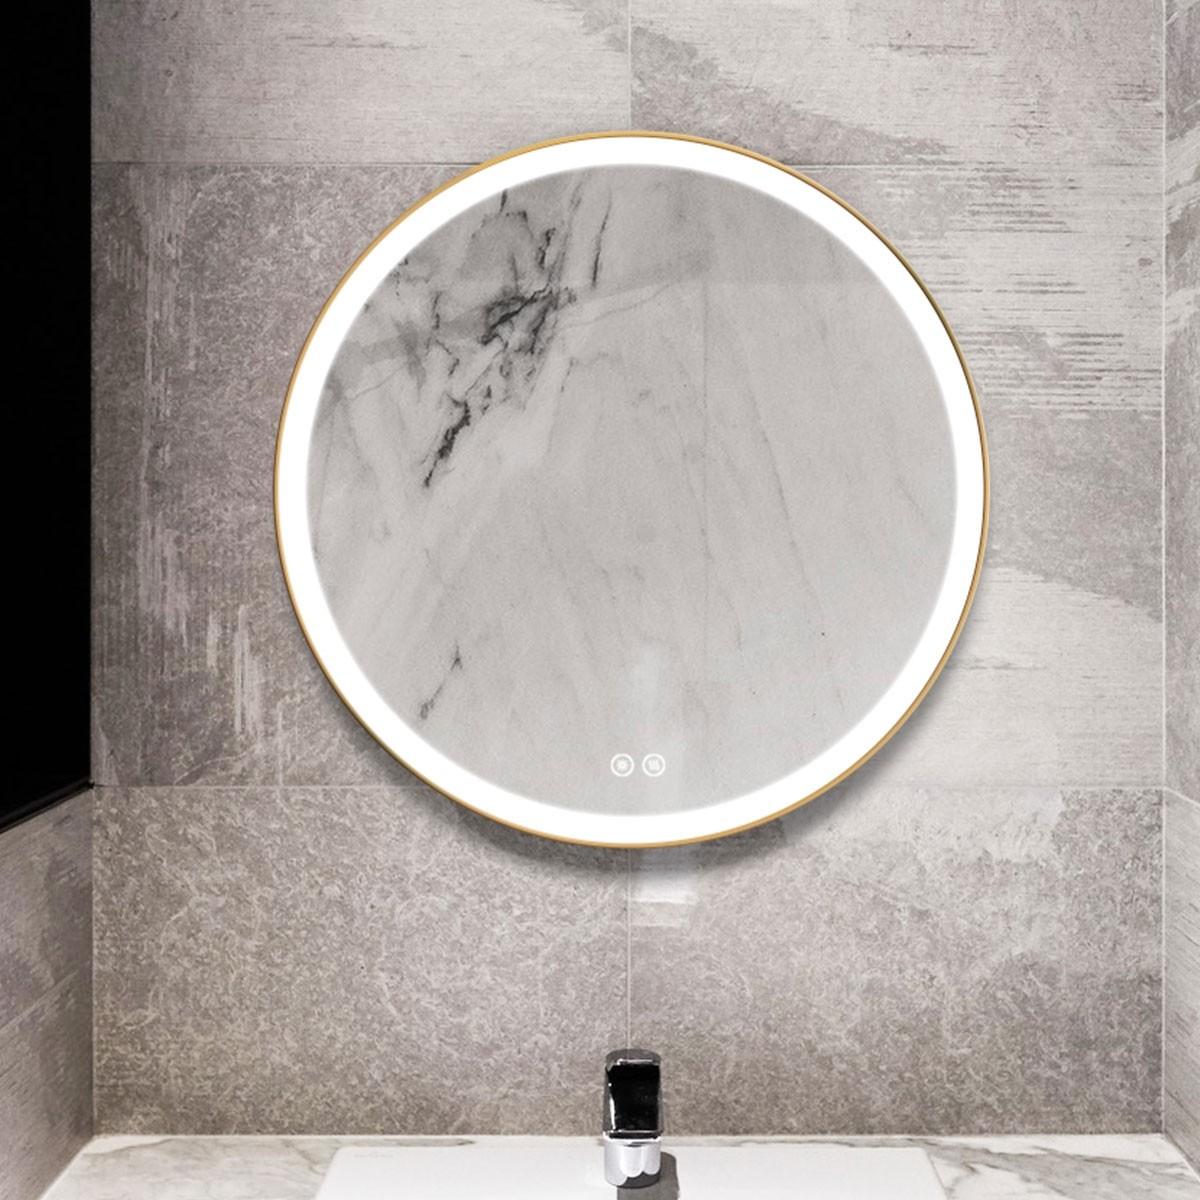 DECORAPORT 28 x 28 Po Miroir de Salle de Bain LED avec Bouton Tactile, Luxe Léger, Anti-Buée, Luminosité Réglable (D902-2828)